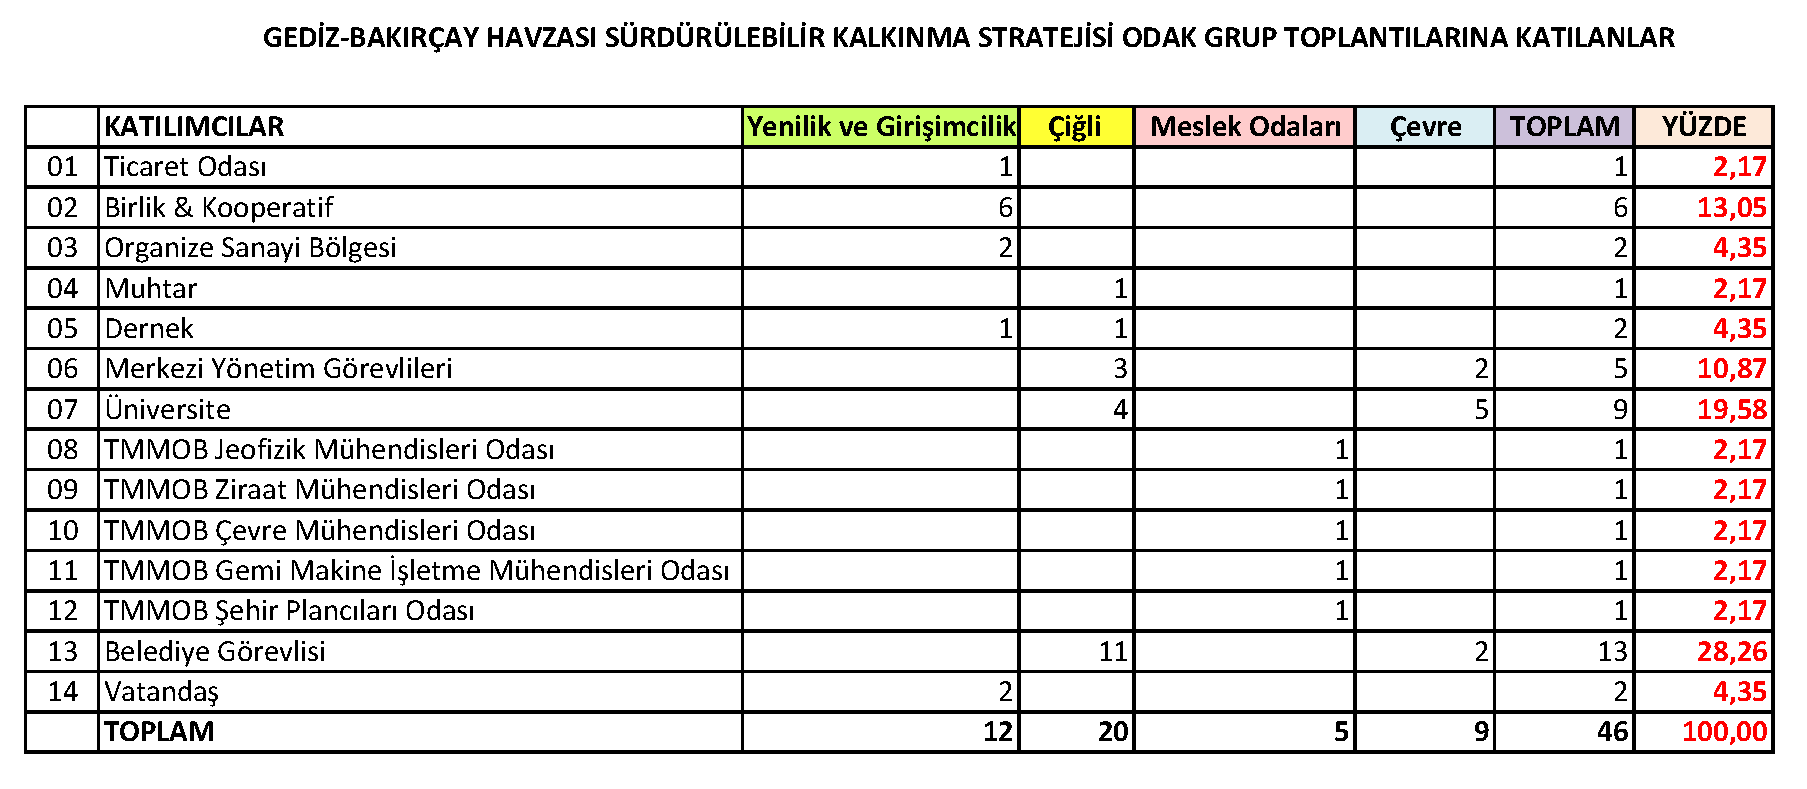 Odak Grup Toplantısı Analizi